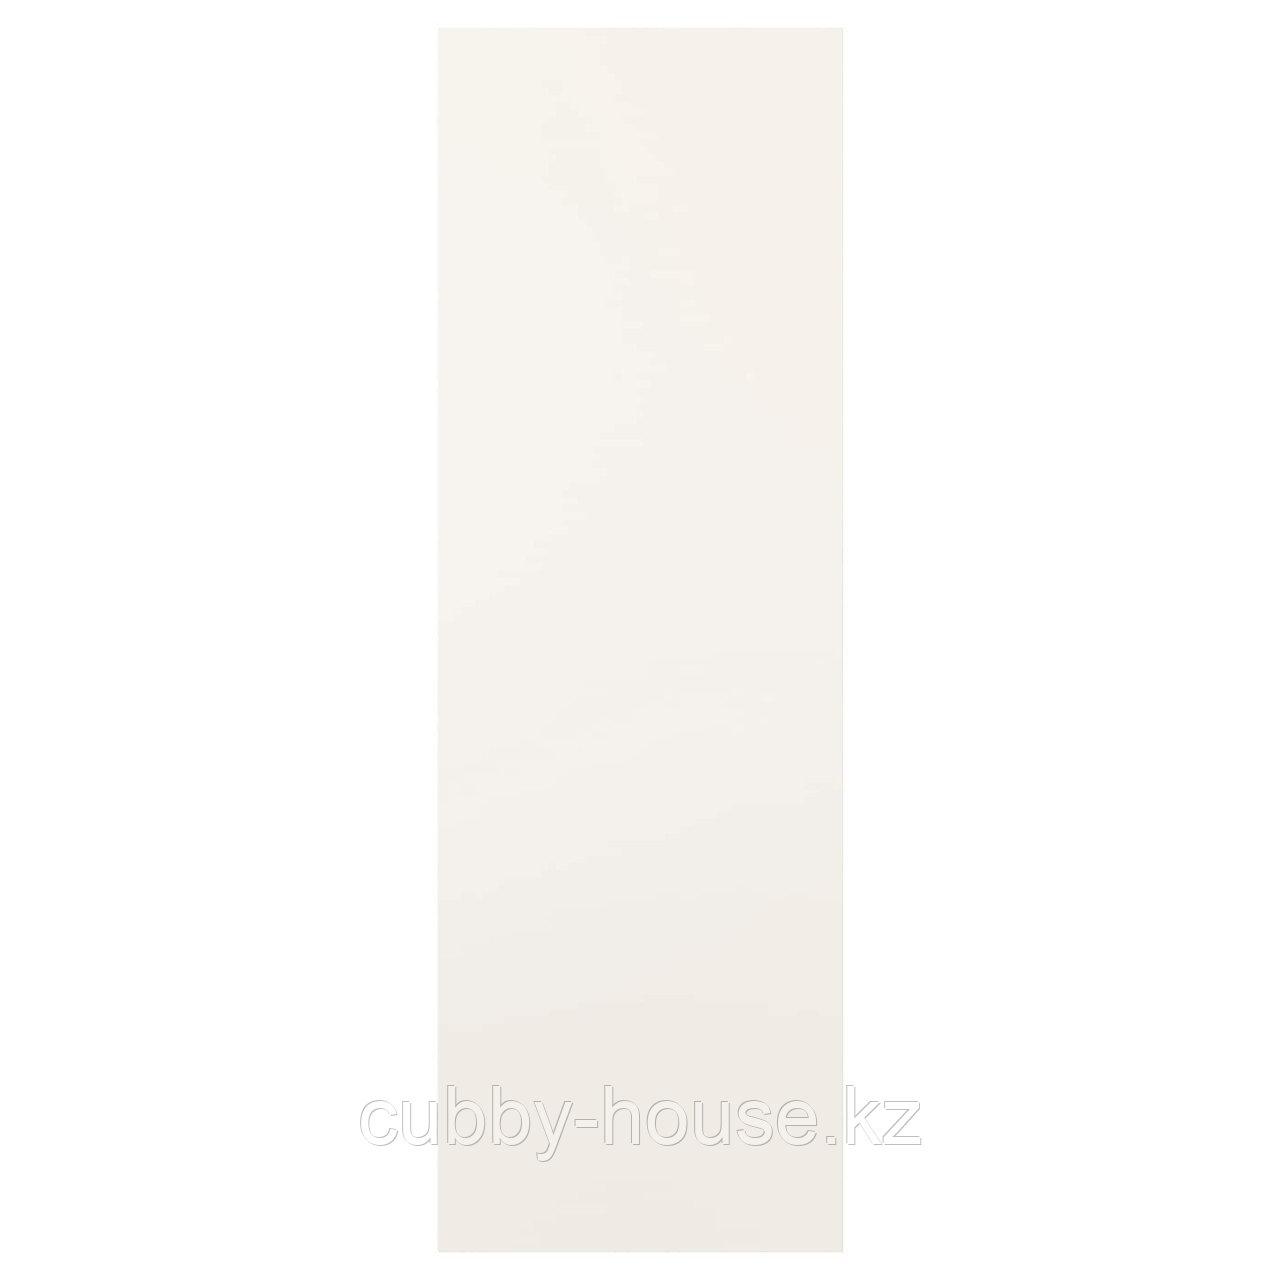 ФОННЕС Дверь, белый, 40x60 см